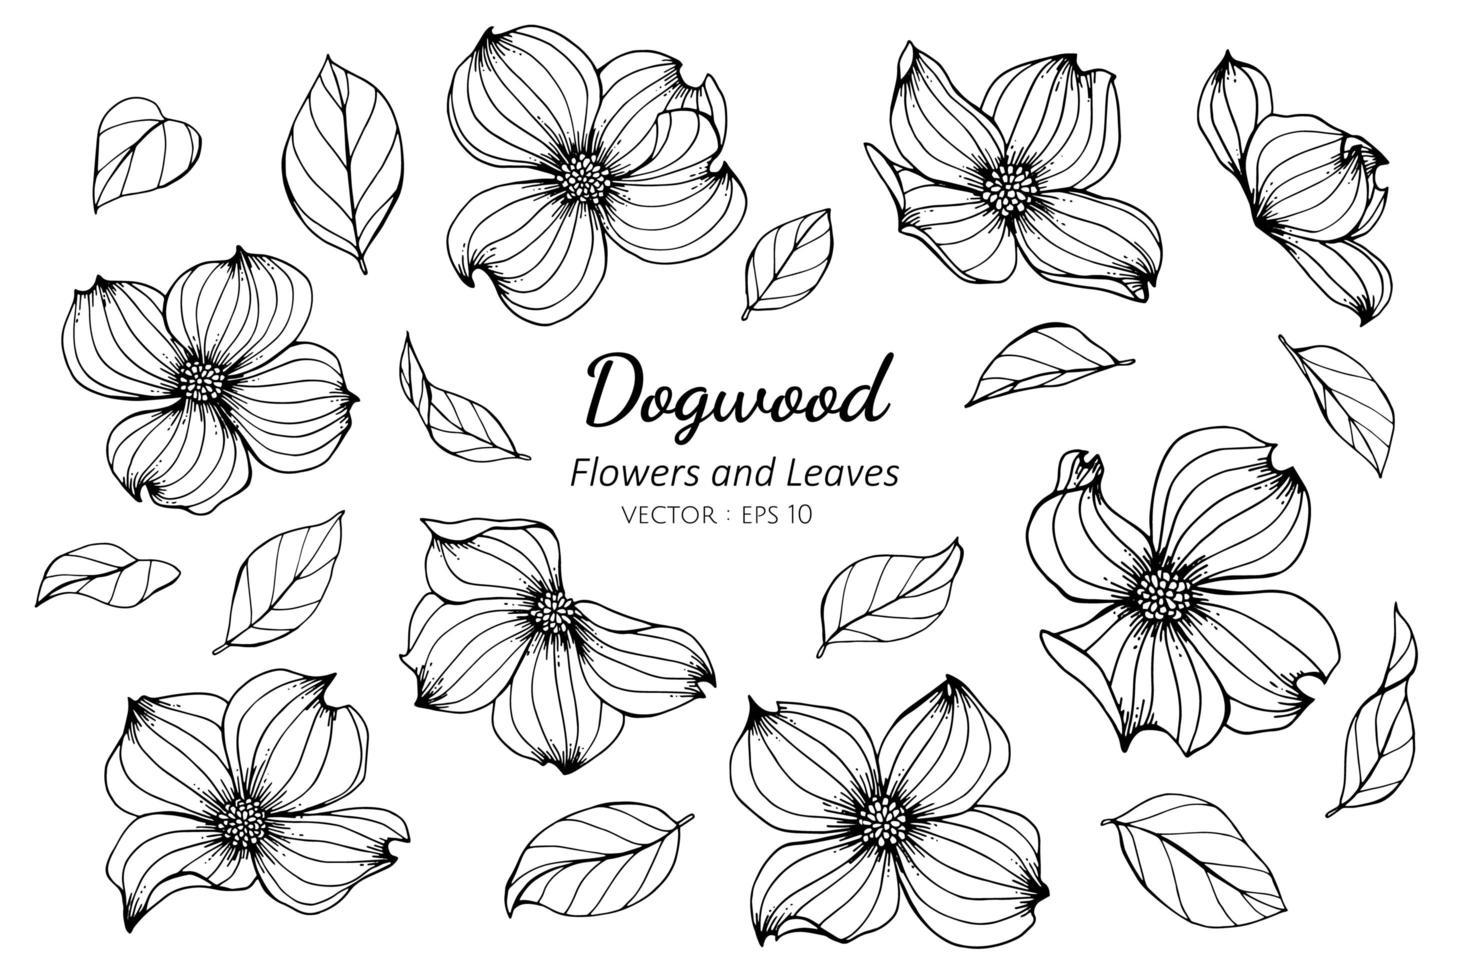 coleção de flores e folhas de dogwood vetor